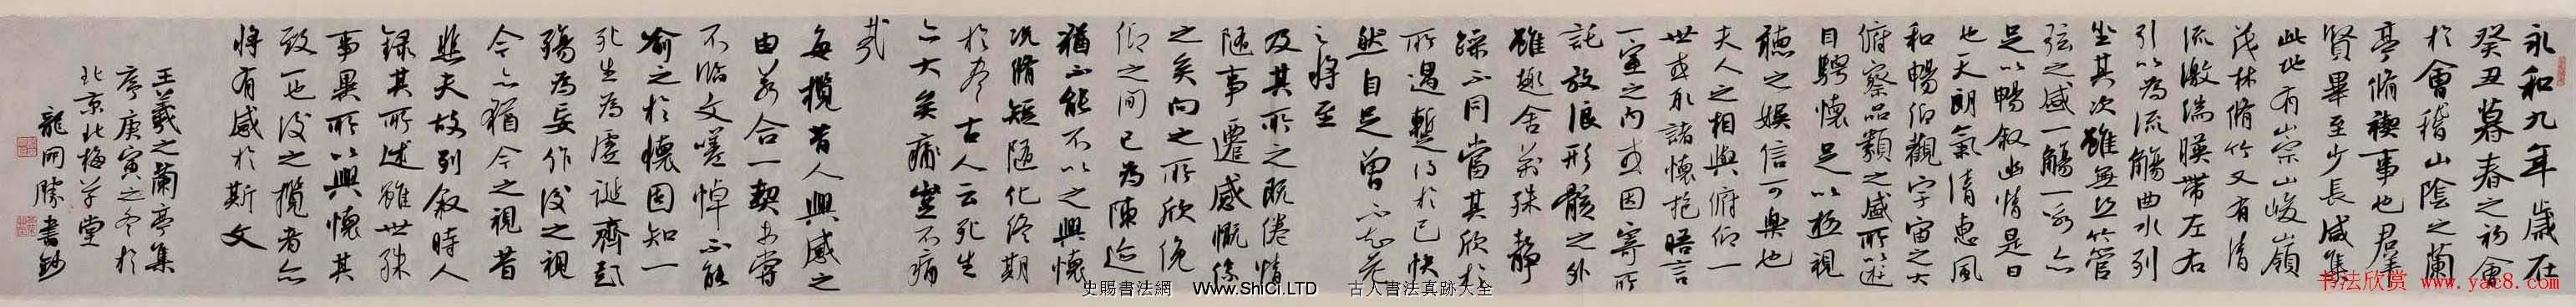 龍開勝行書真跡欣賞王羲之蘭亭集序卷(共6張圖片)